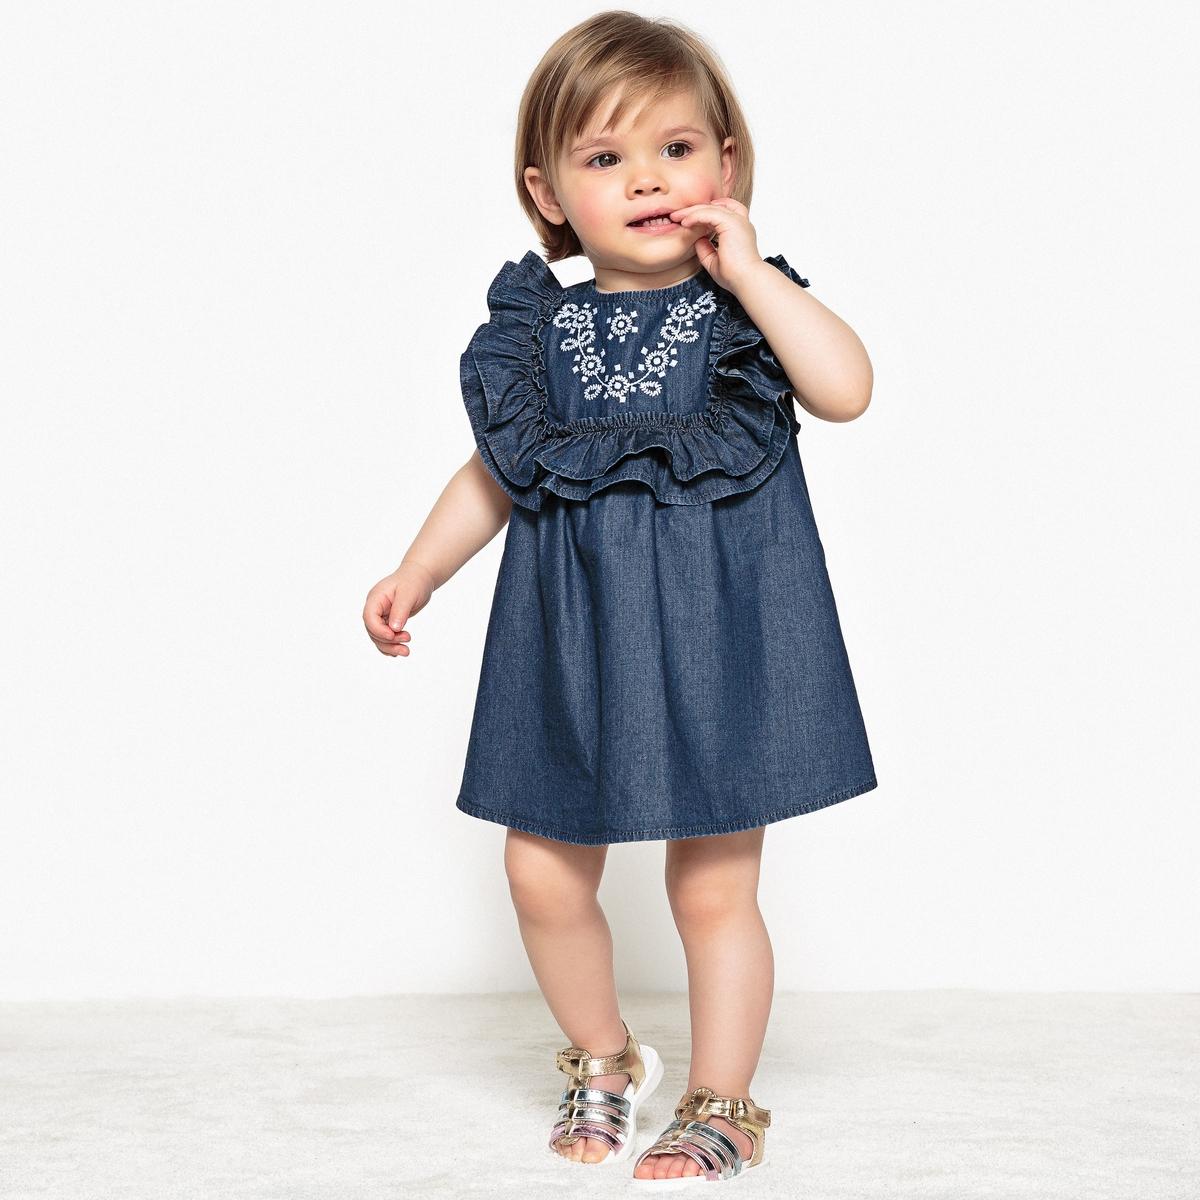 Платье La Redoute С вышивкой и воланами из денима мес - года 3 года - 94 см синий шорты с вышивкой 1 мес 3 года